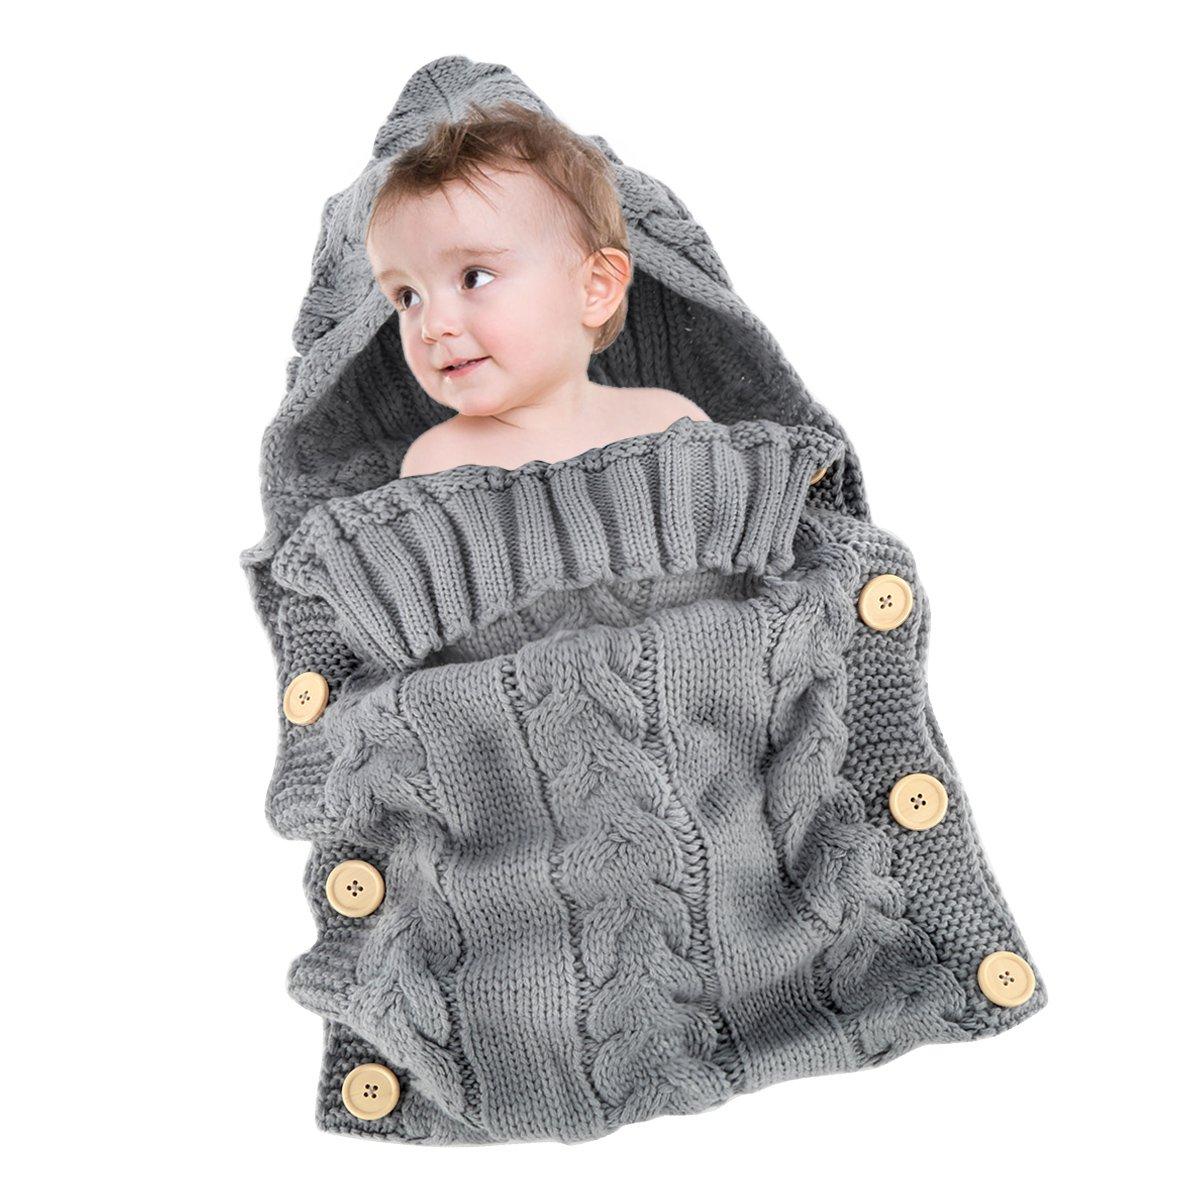 Yinuoday - Saco de dormir para bebé (forro polar, tejido de ganchillo, con capucha, para bebés de 0 a 12 meses) Without Fleece Grey Talla:30X14: ...